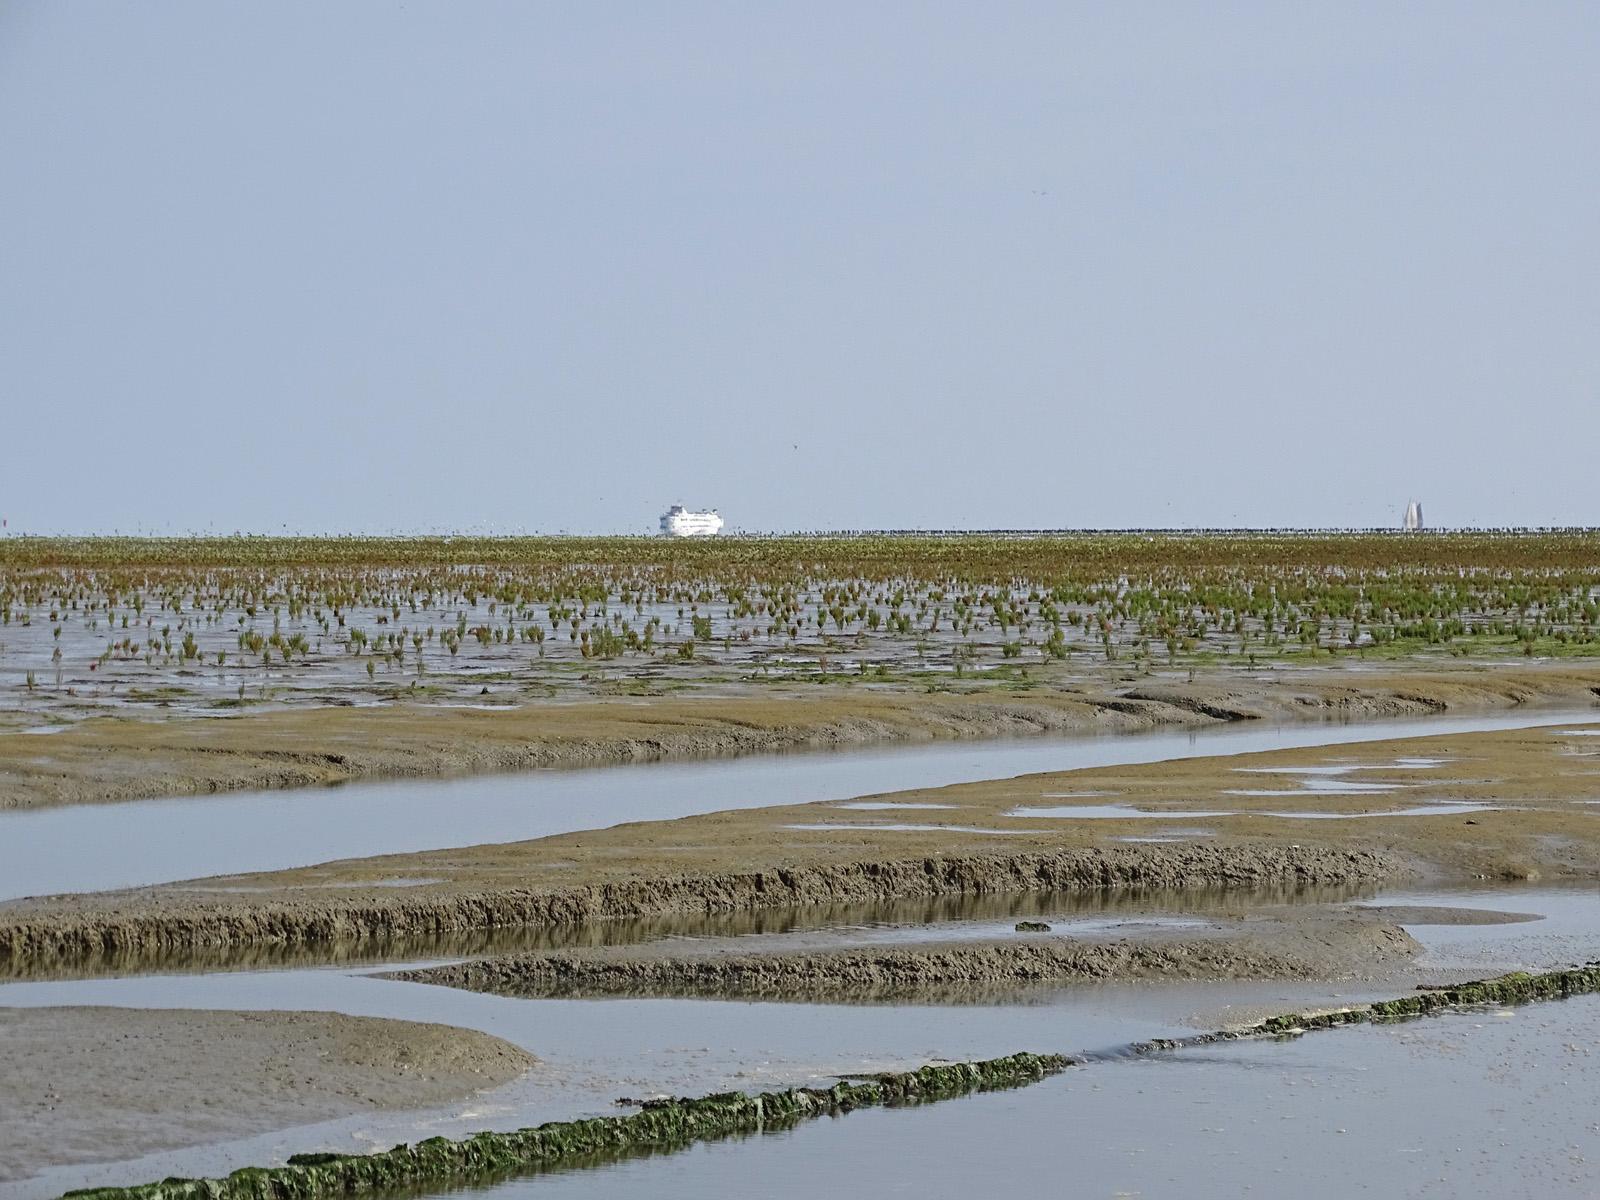 Peazemerlannen (eind zomer)